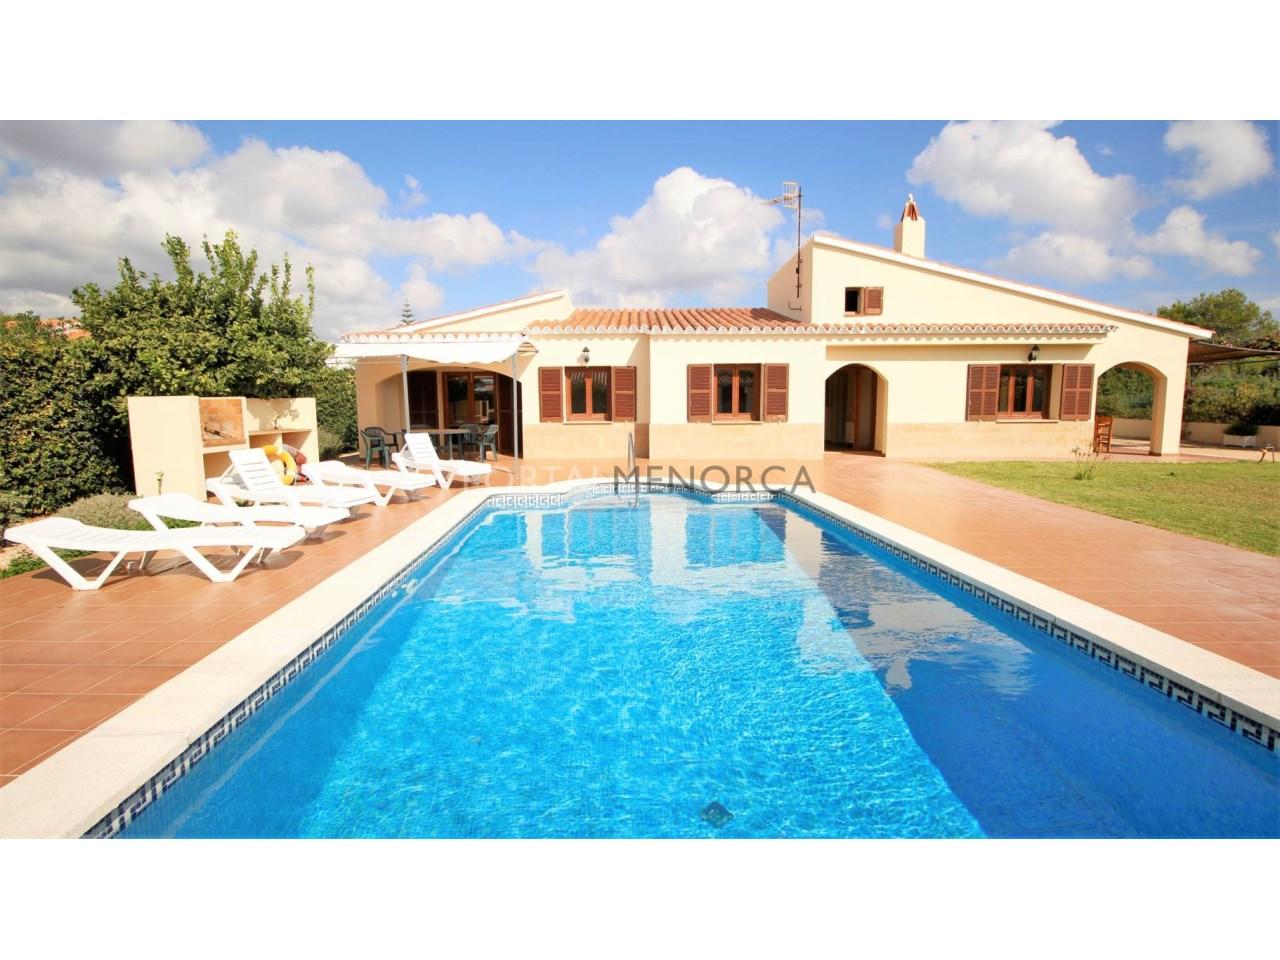 Chalet en venta en Menorca con piscina y cerca del mar